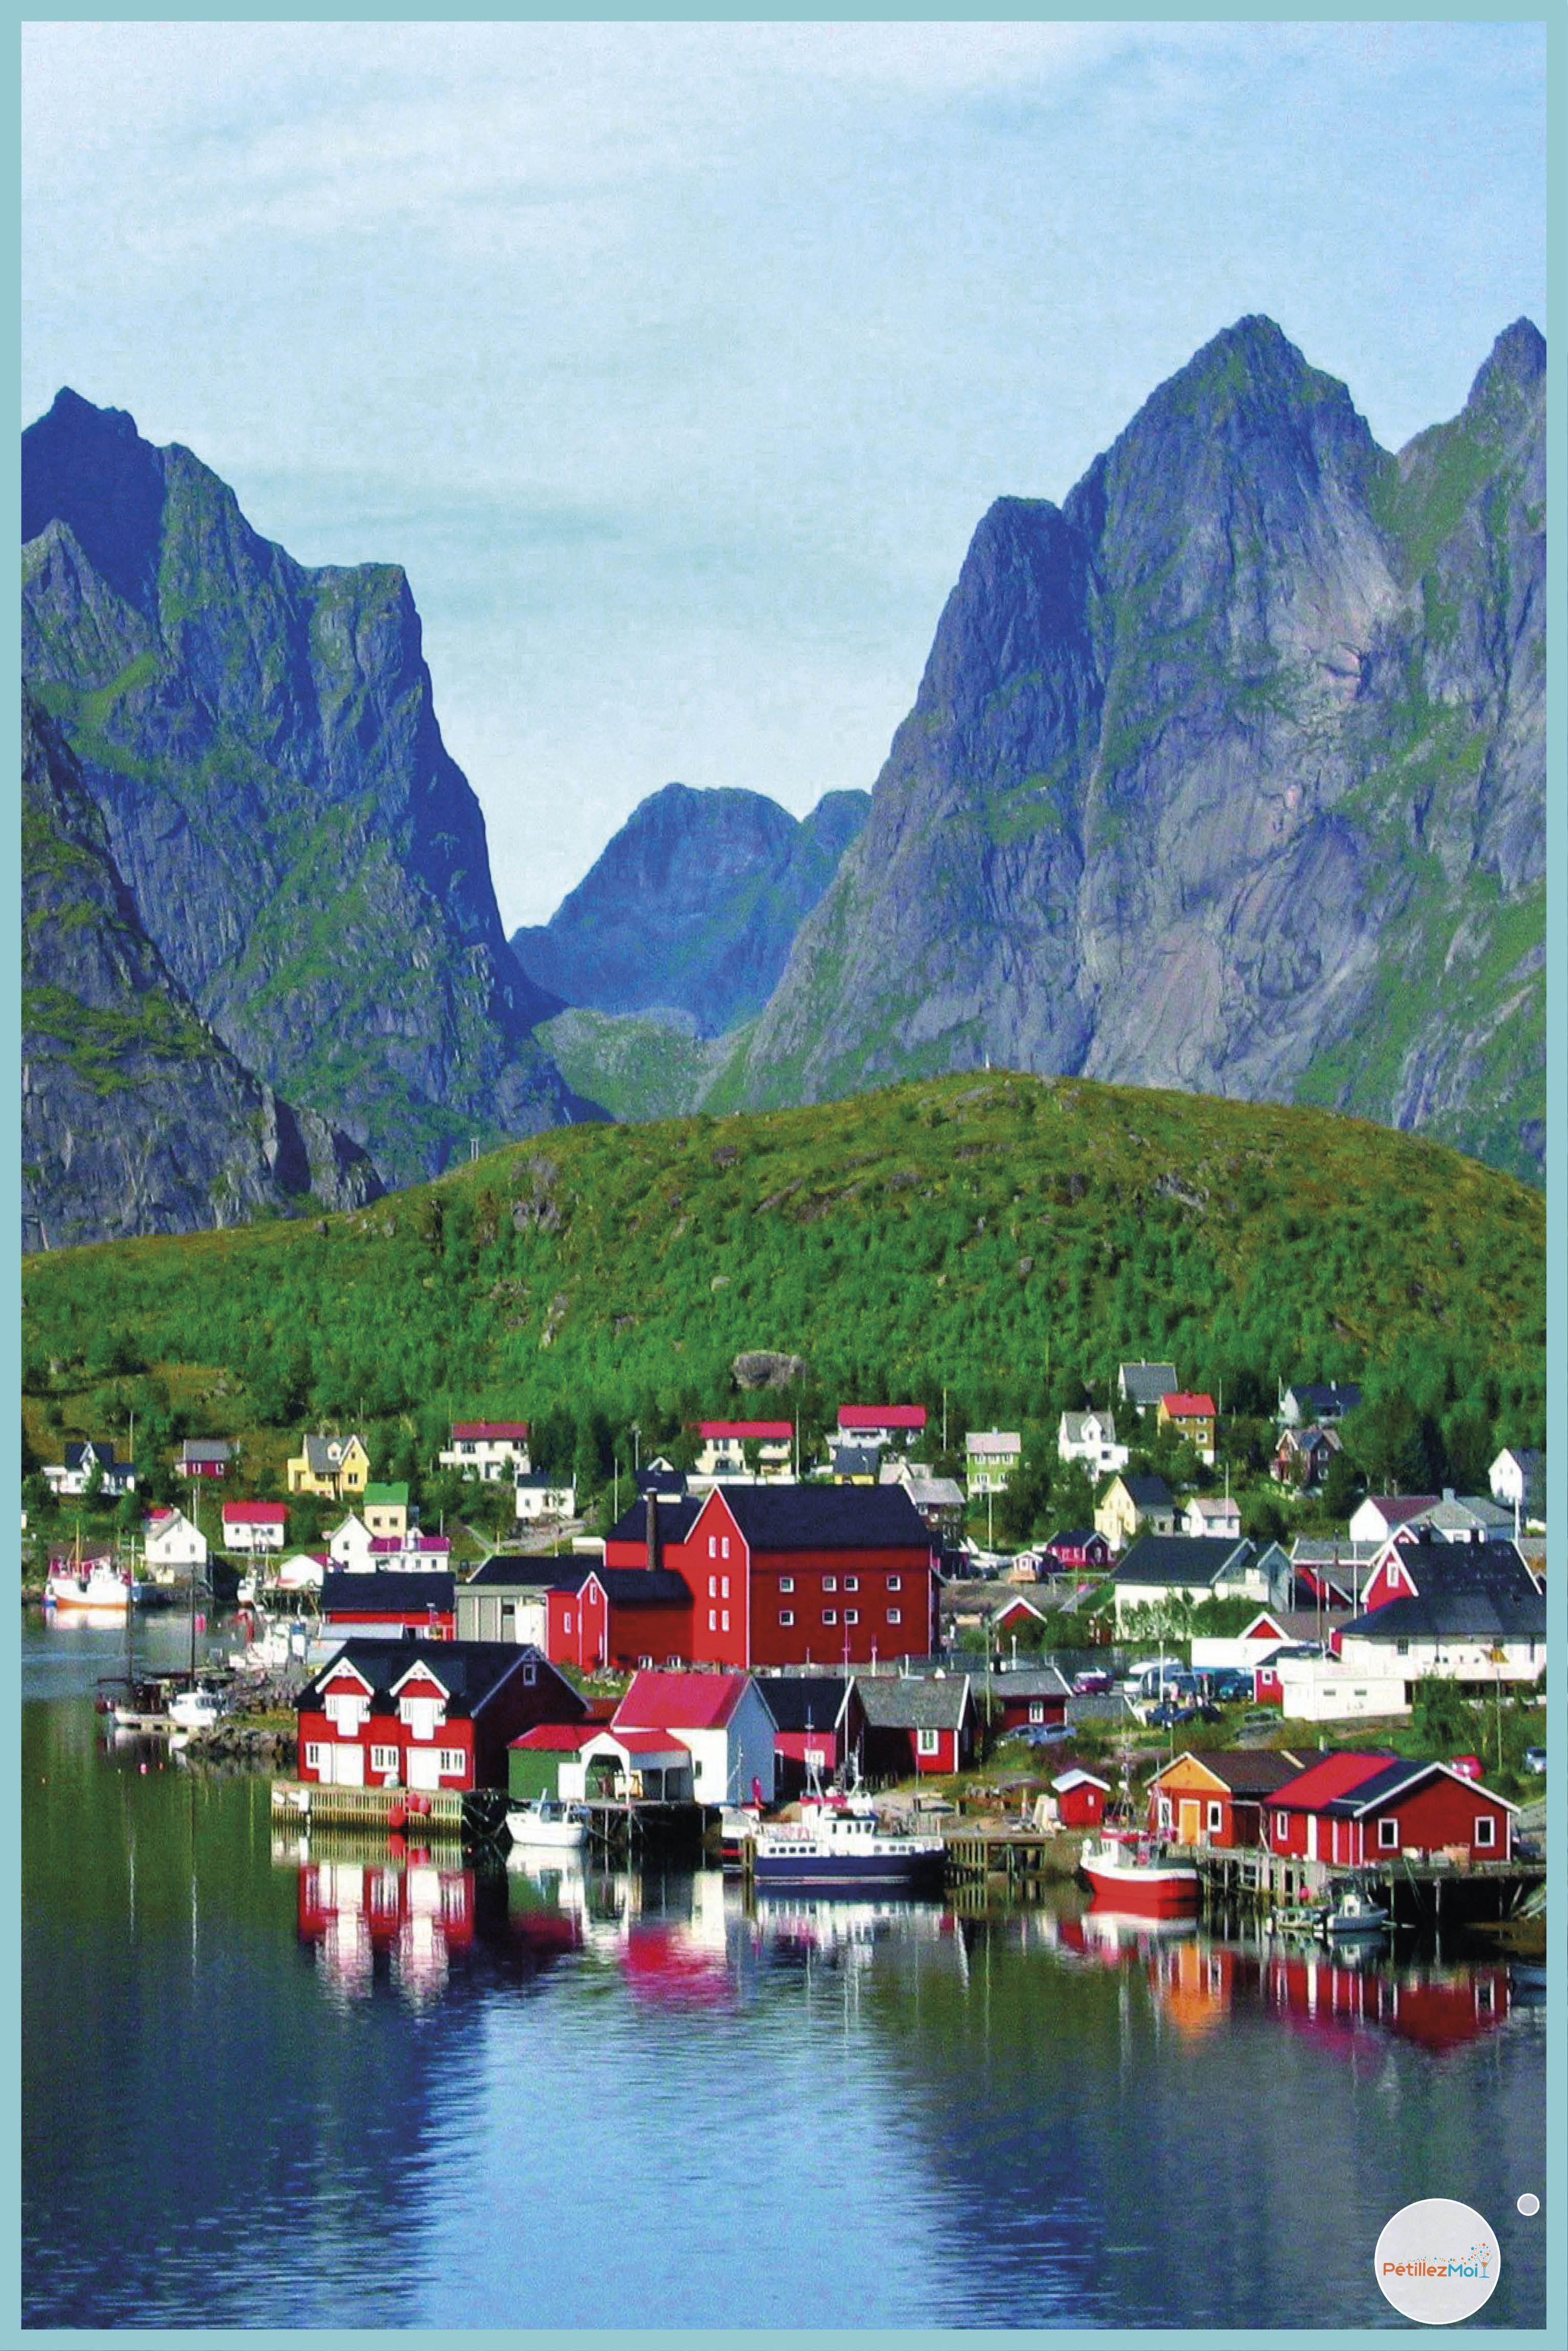 Village De Reve En Europe Voici 10 Villages De Contes De Fees A Decouvrir Idee Voyage Europe Voyage Norvege Voyage